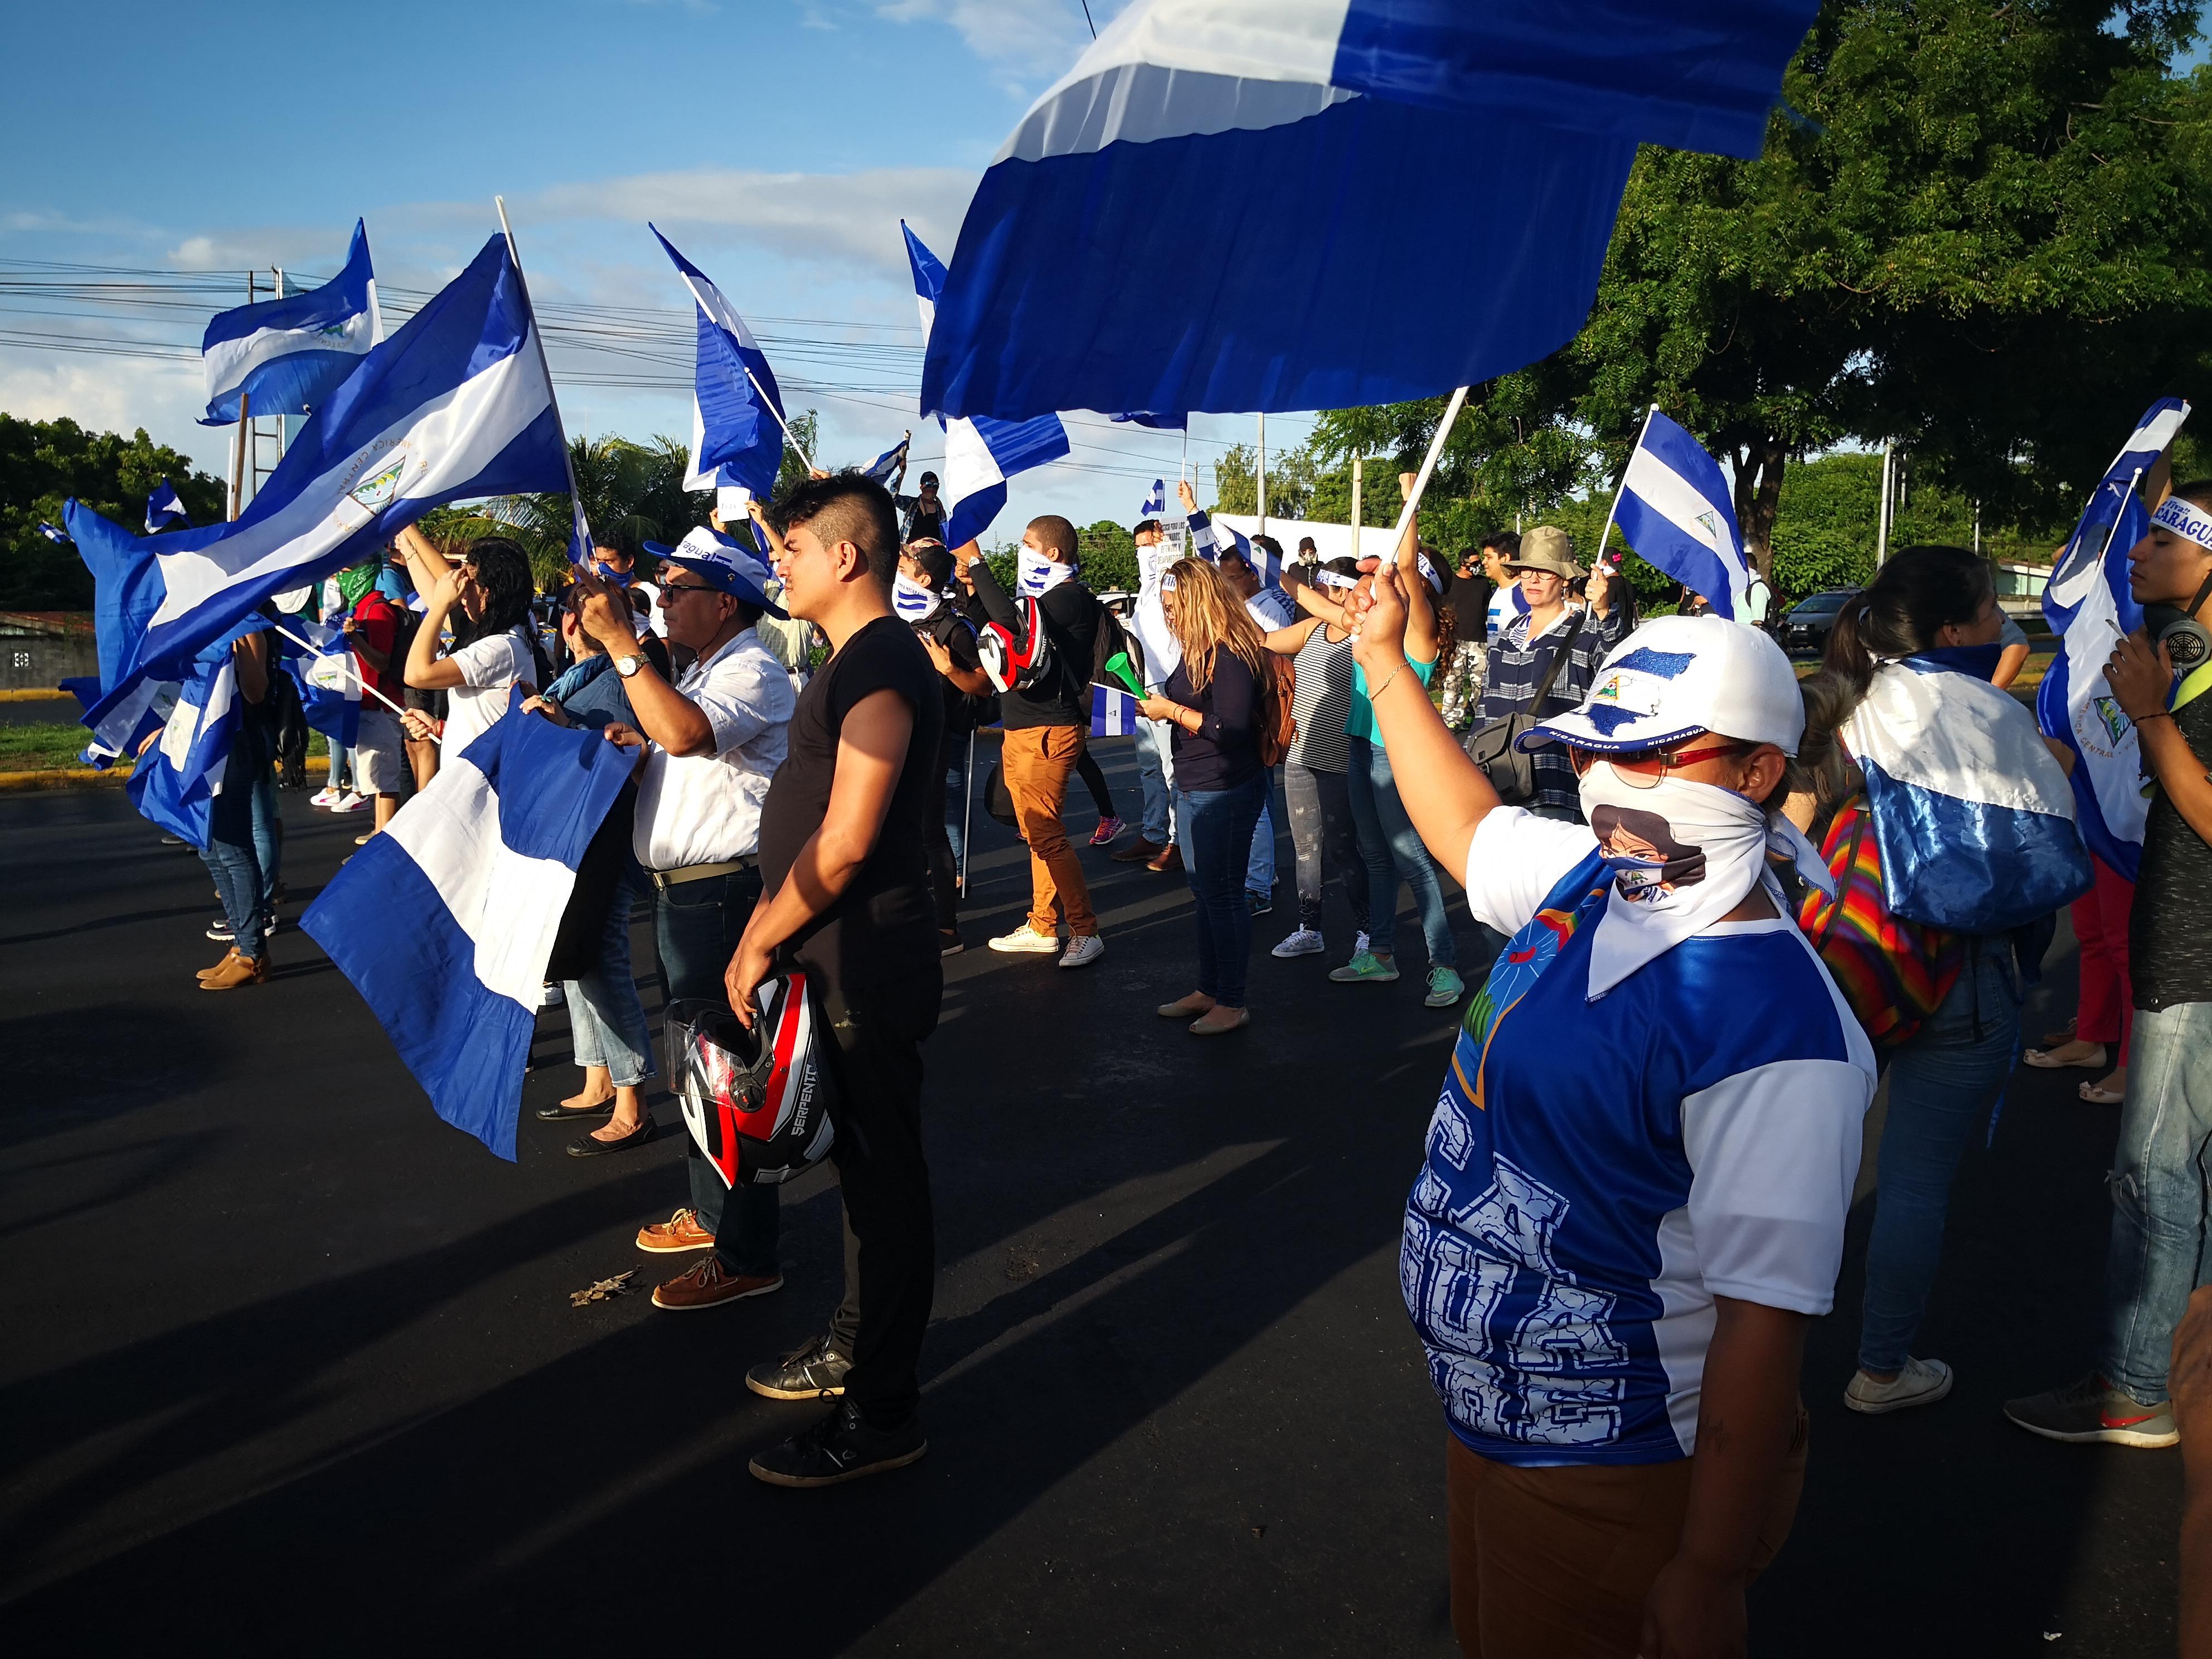 Conmemoran dos meses de represión y rebelión cívica contra la dictadura. Foto: A. Navarro / Artículo 66